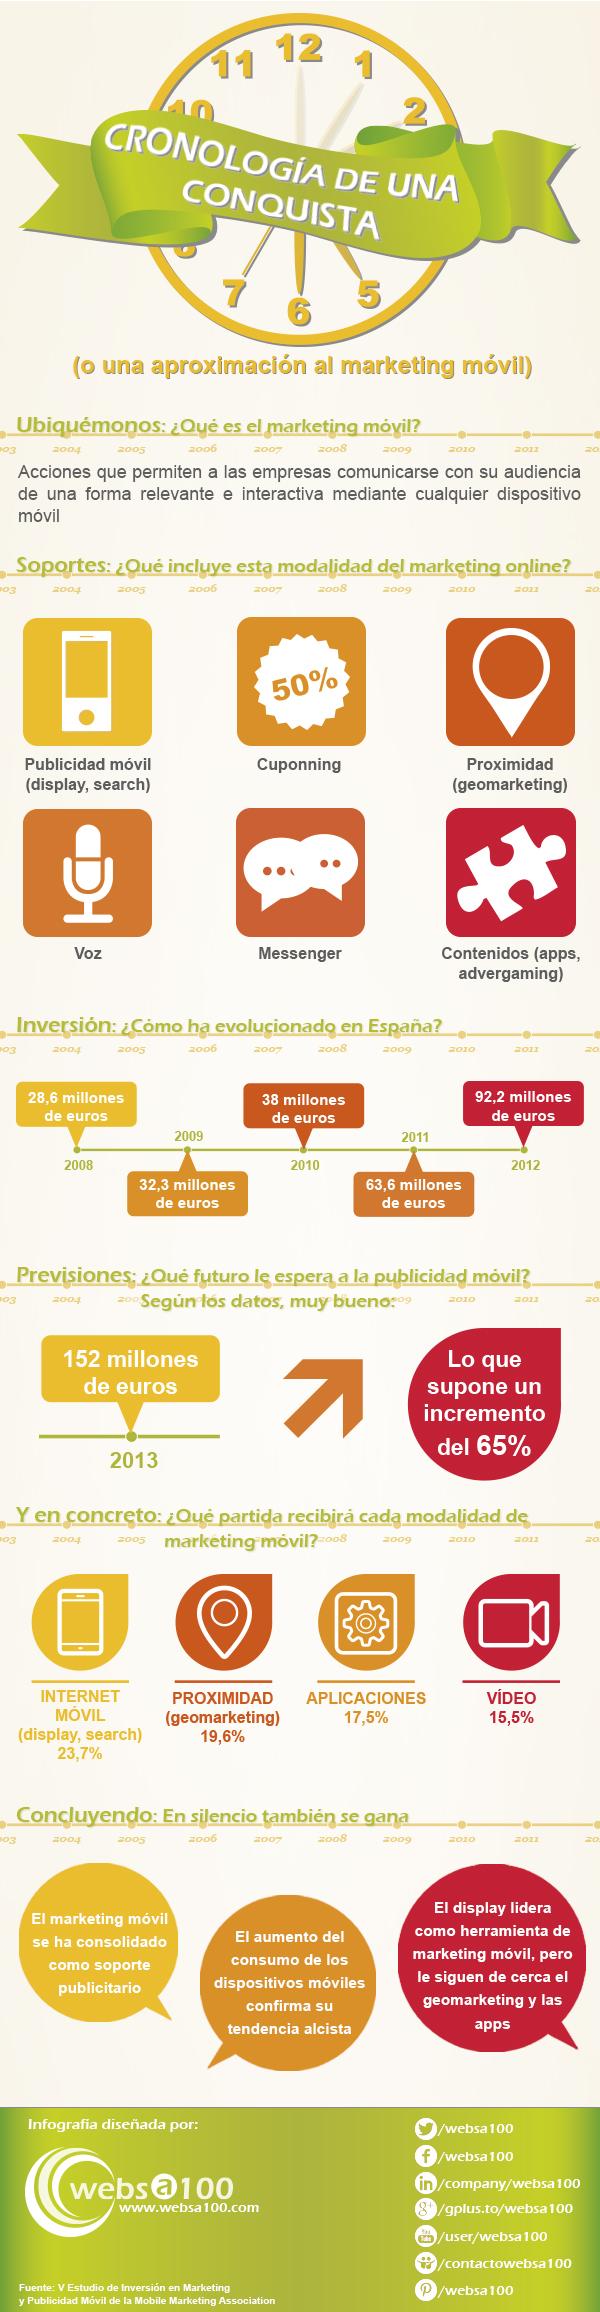 márketing móvil en España